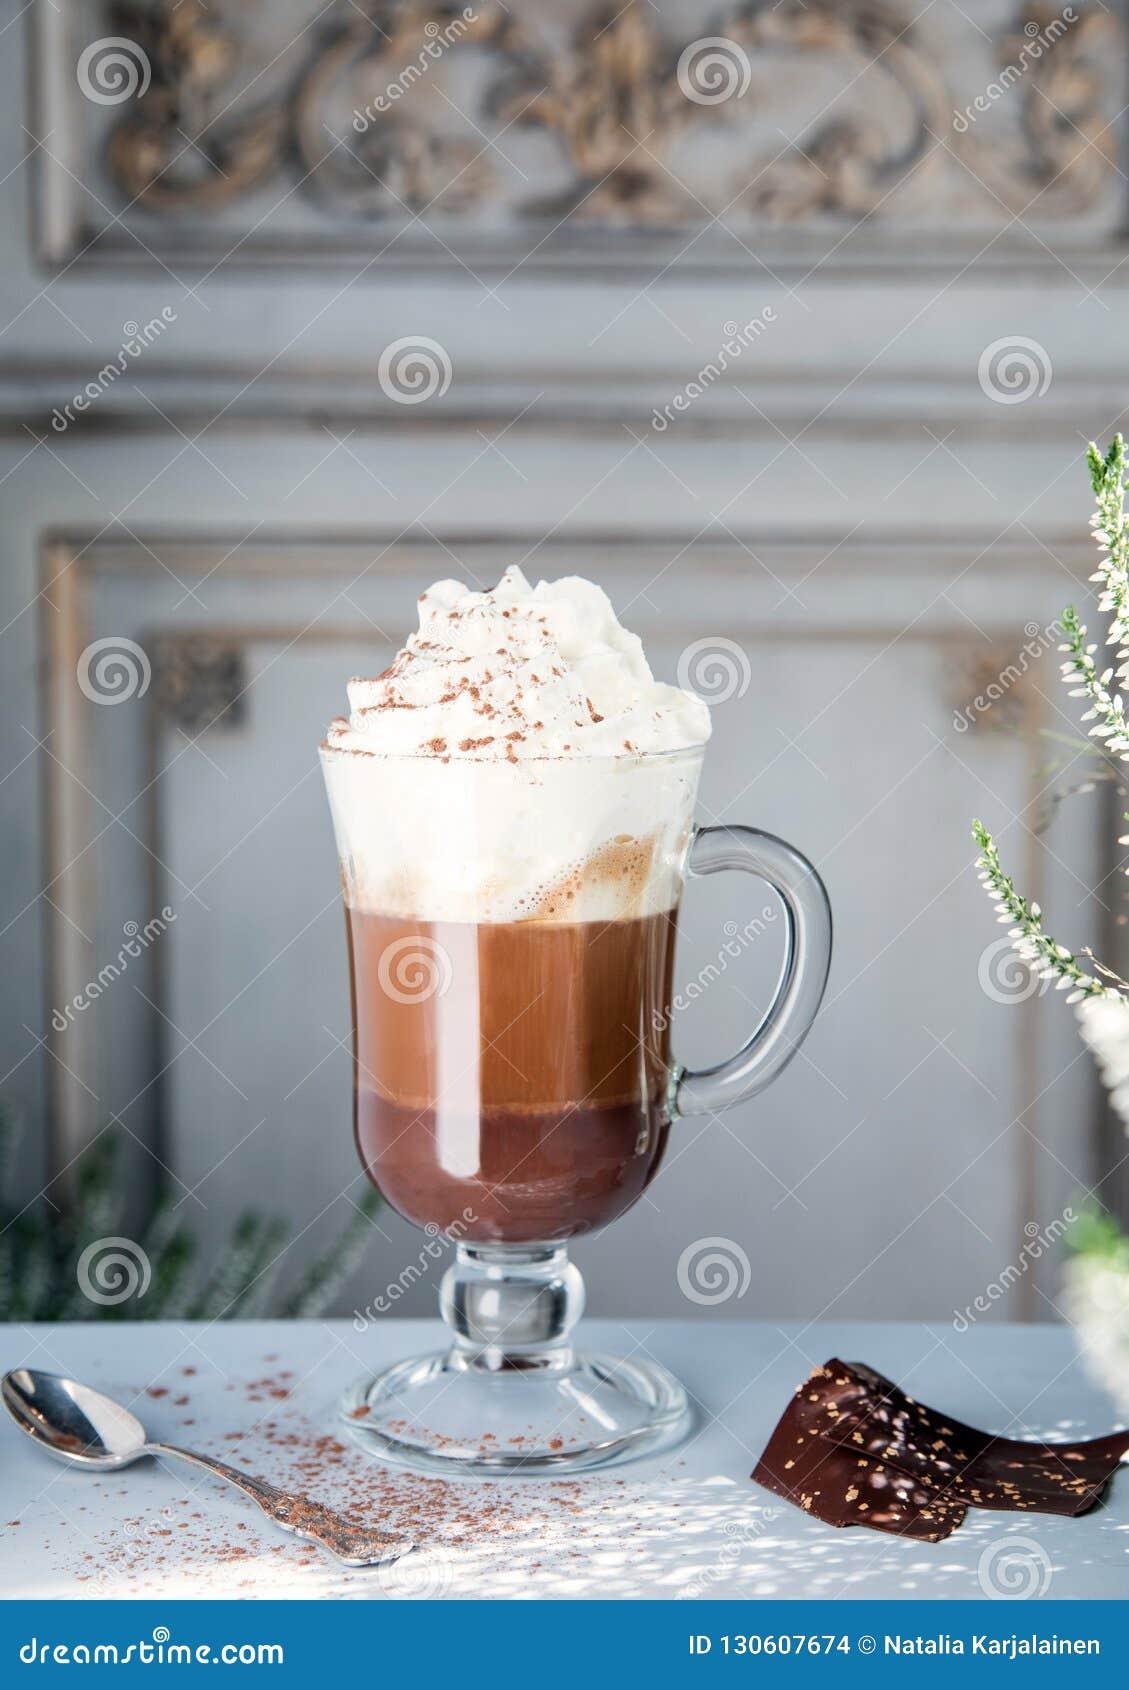 Καφές με τη σοκολάτα και κτυπημένη κρέμα σε ένα διαφανές γυαλί στα πλαίσια ενός εκλεκτής ποιότητας τοίχου